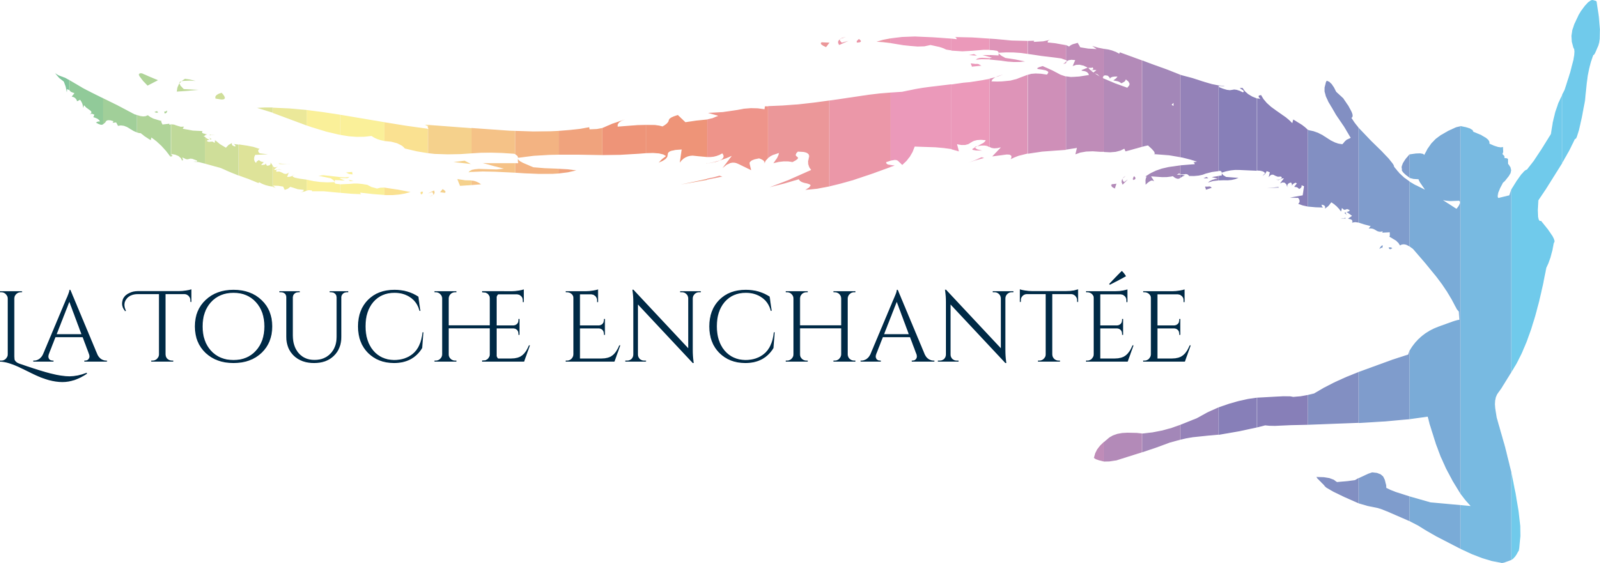 Logos de l'évènement Montmartre Enchanté